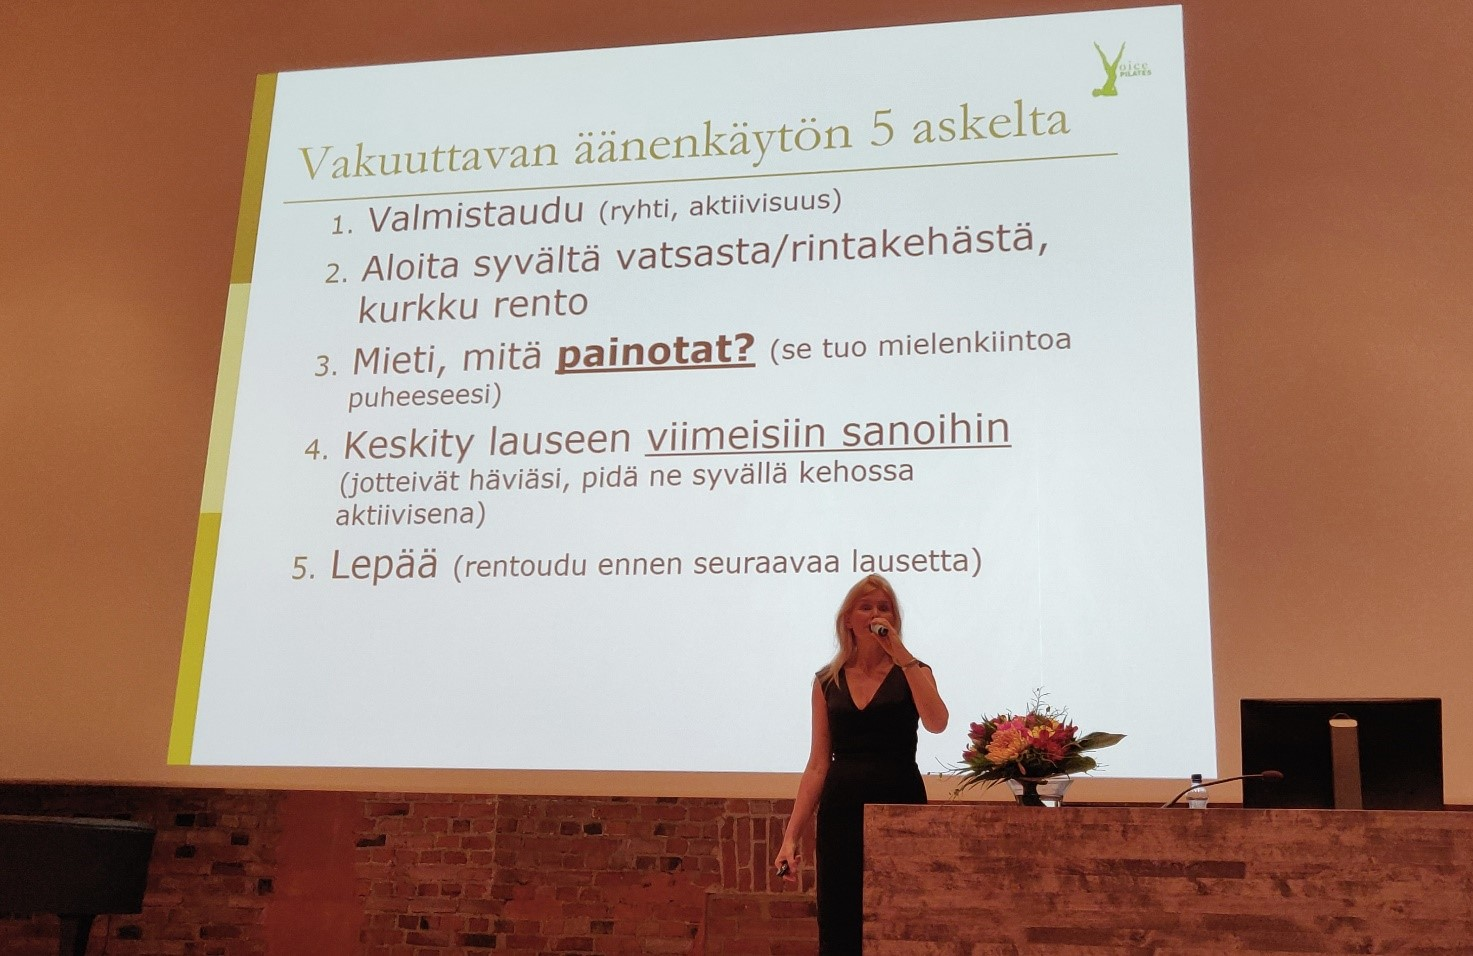 Katri-Liisa Vainio pani osallistujat harjoittelemaan vakuuttavaa äänenkäyttöä.